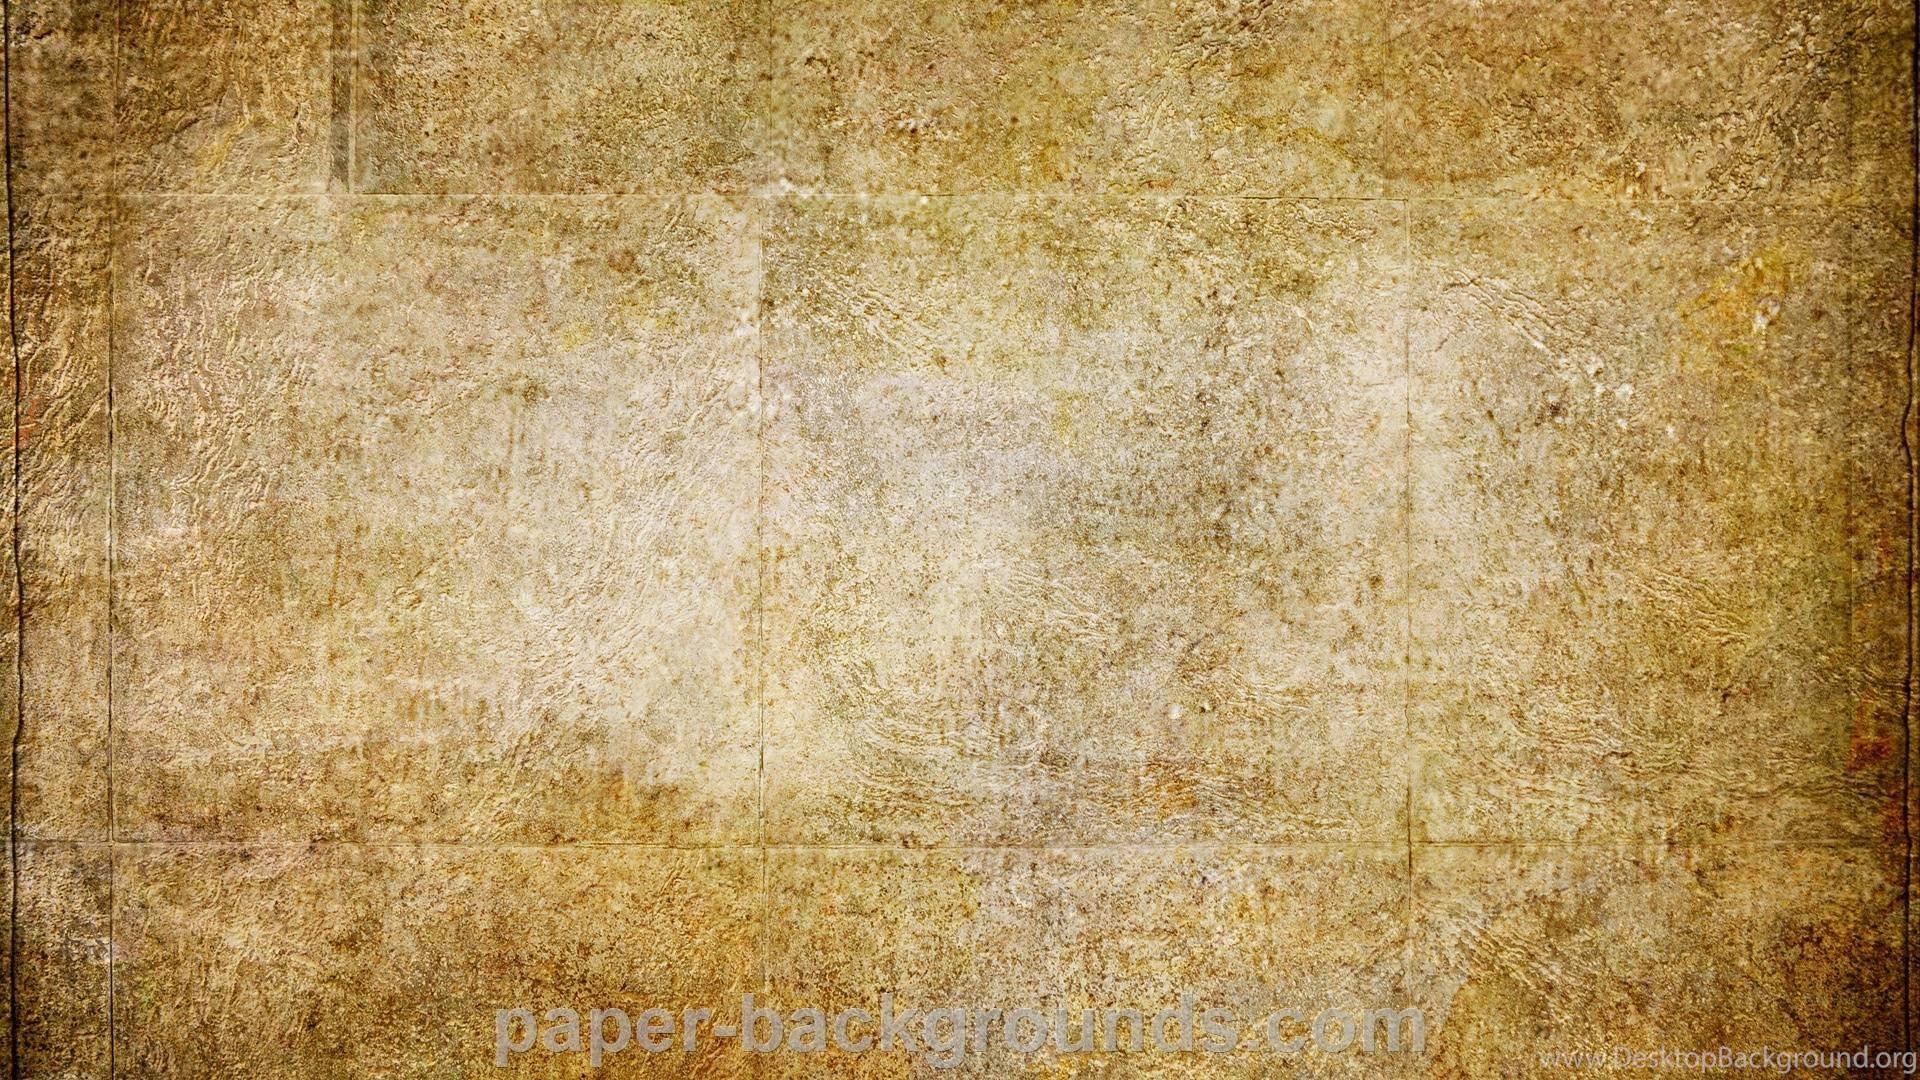 Old Paper Background HD Wallpaper Desktop Desktop Background